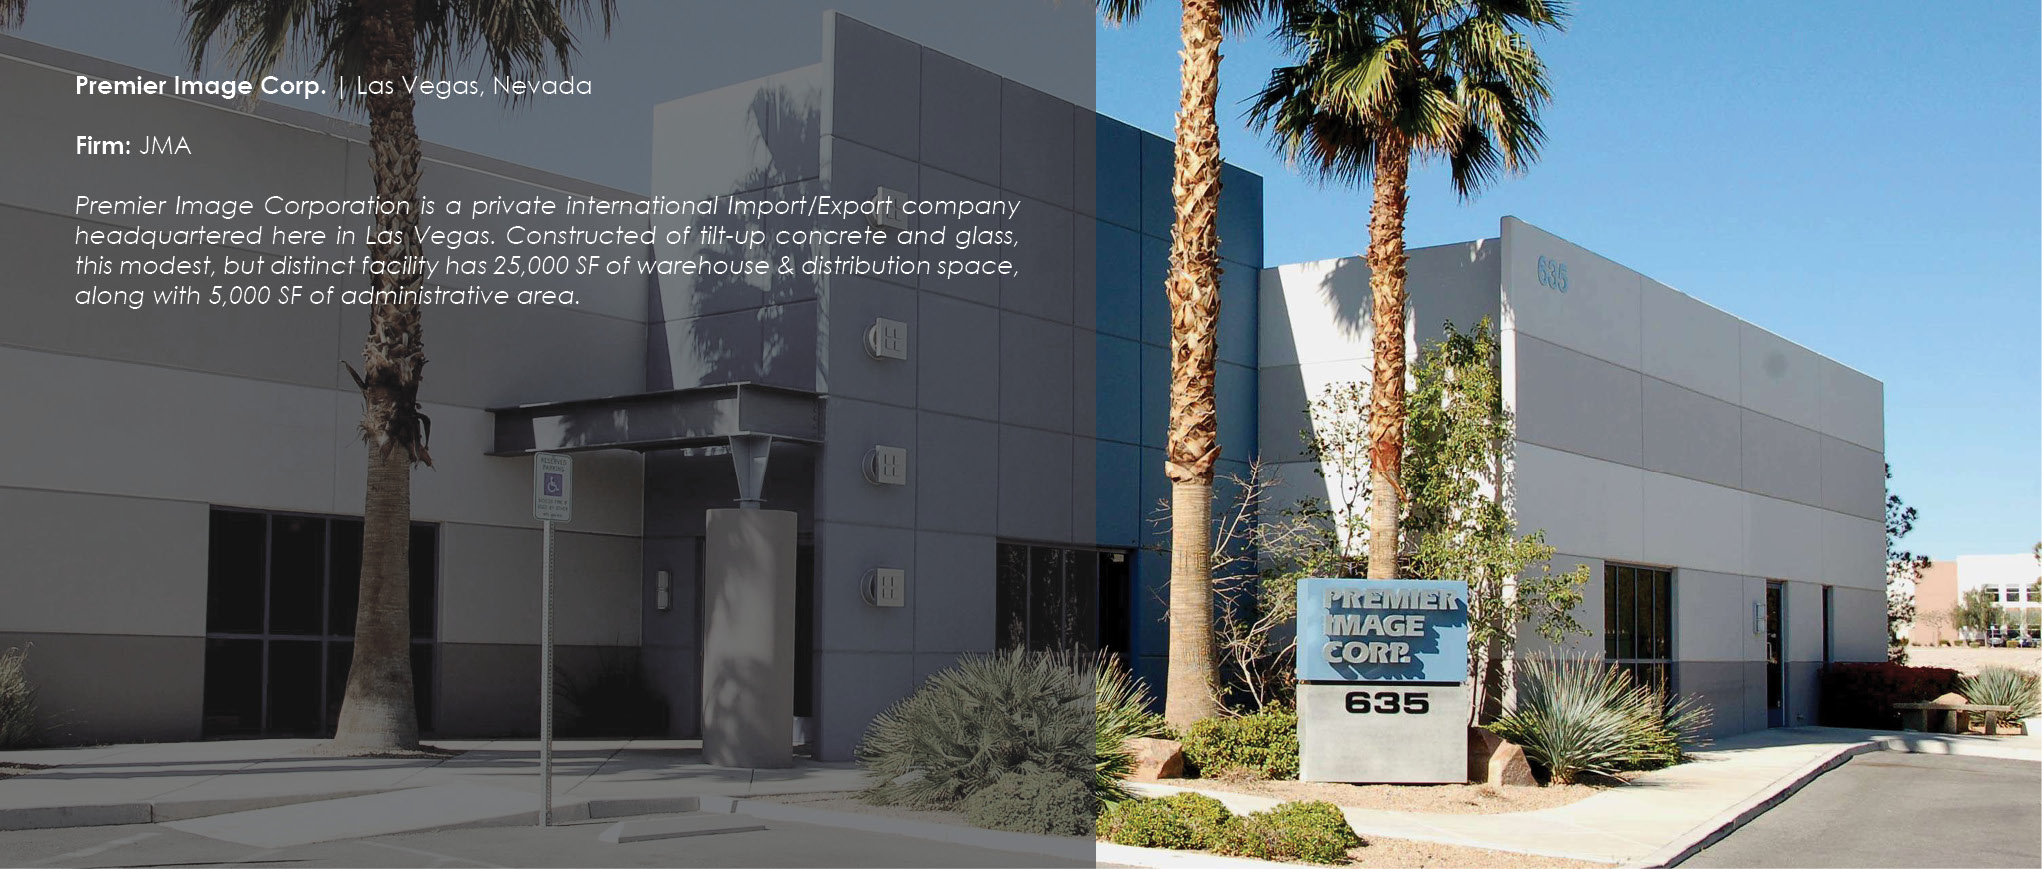 Premier Image Corp.